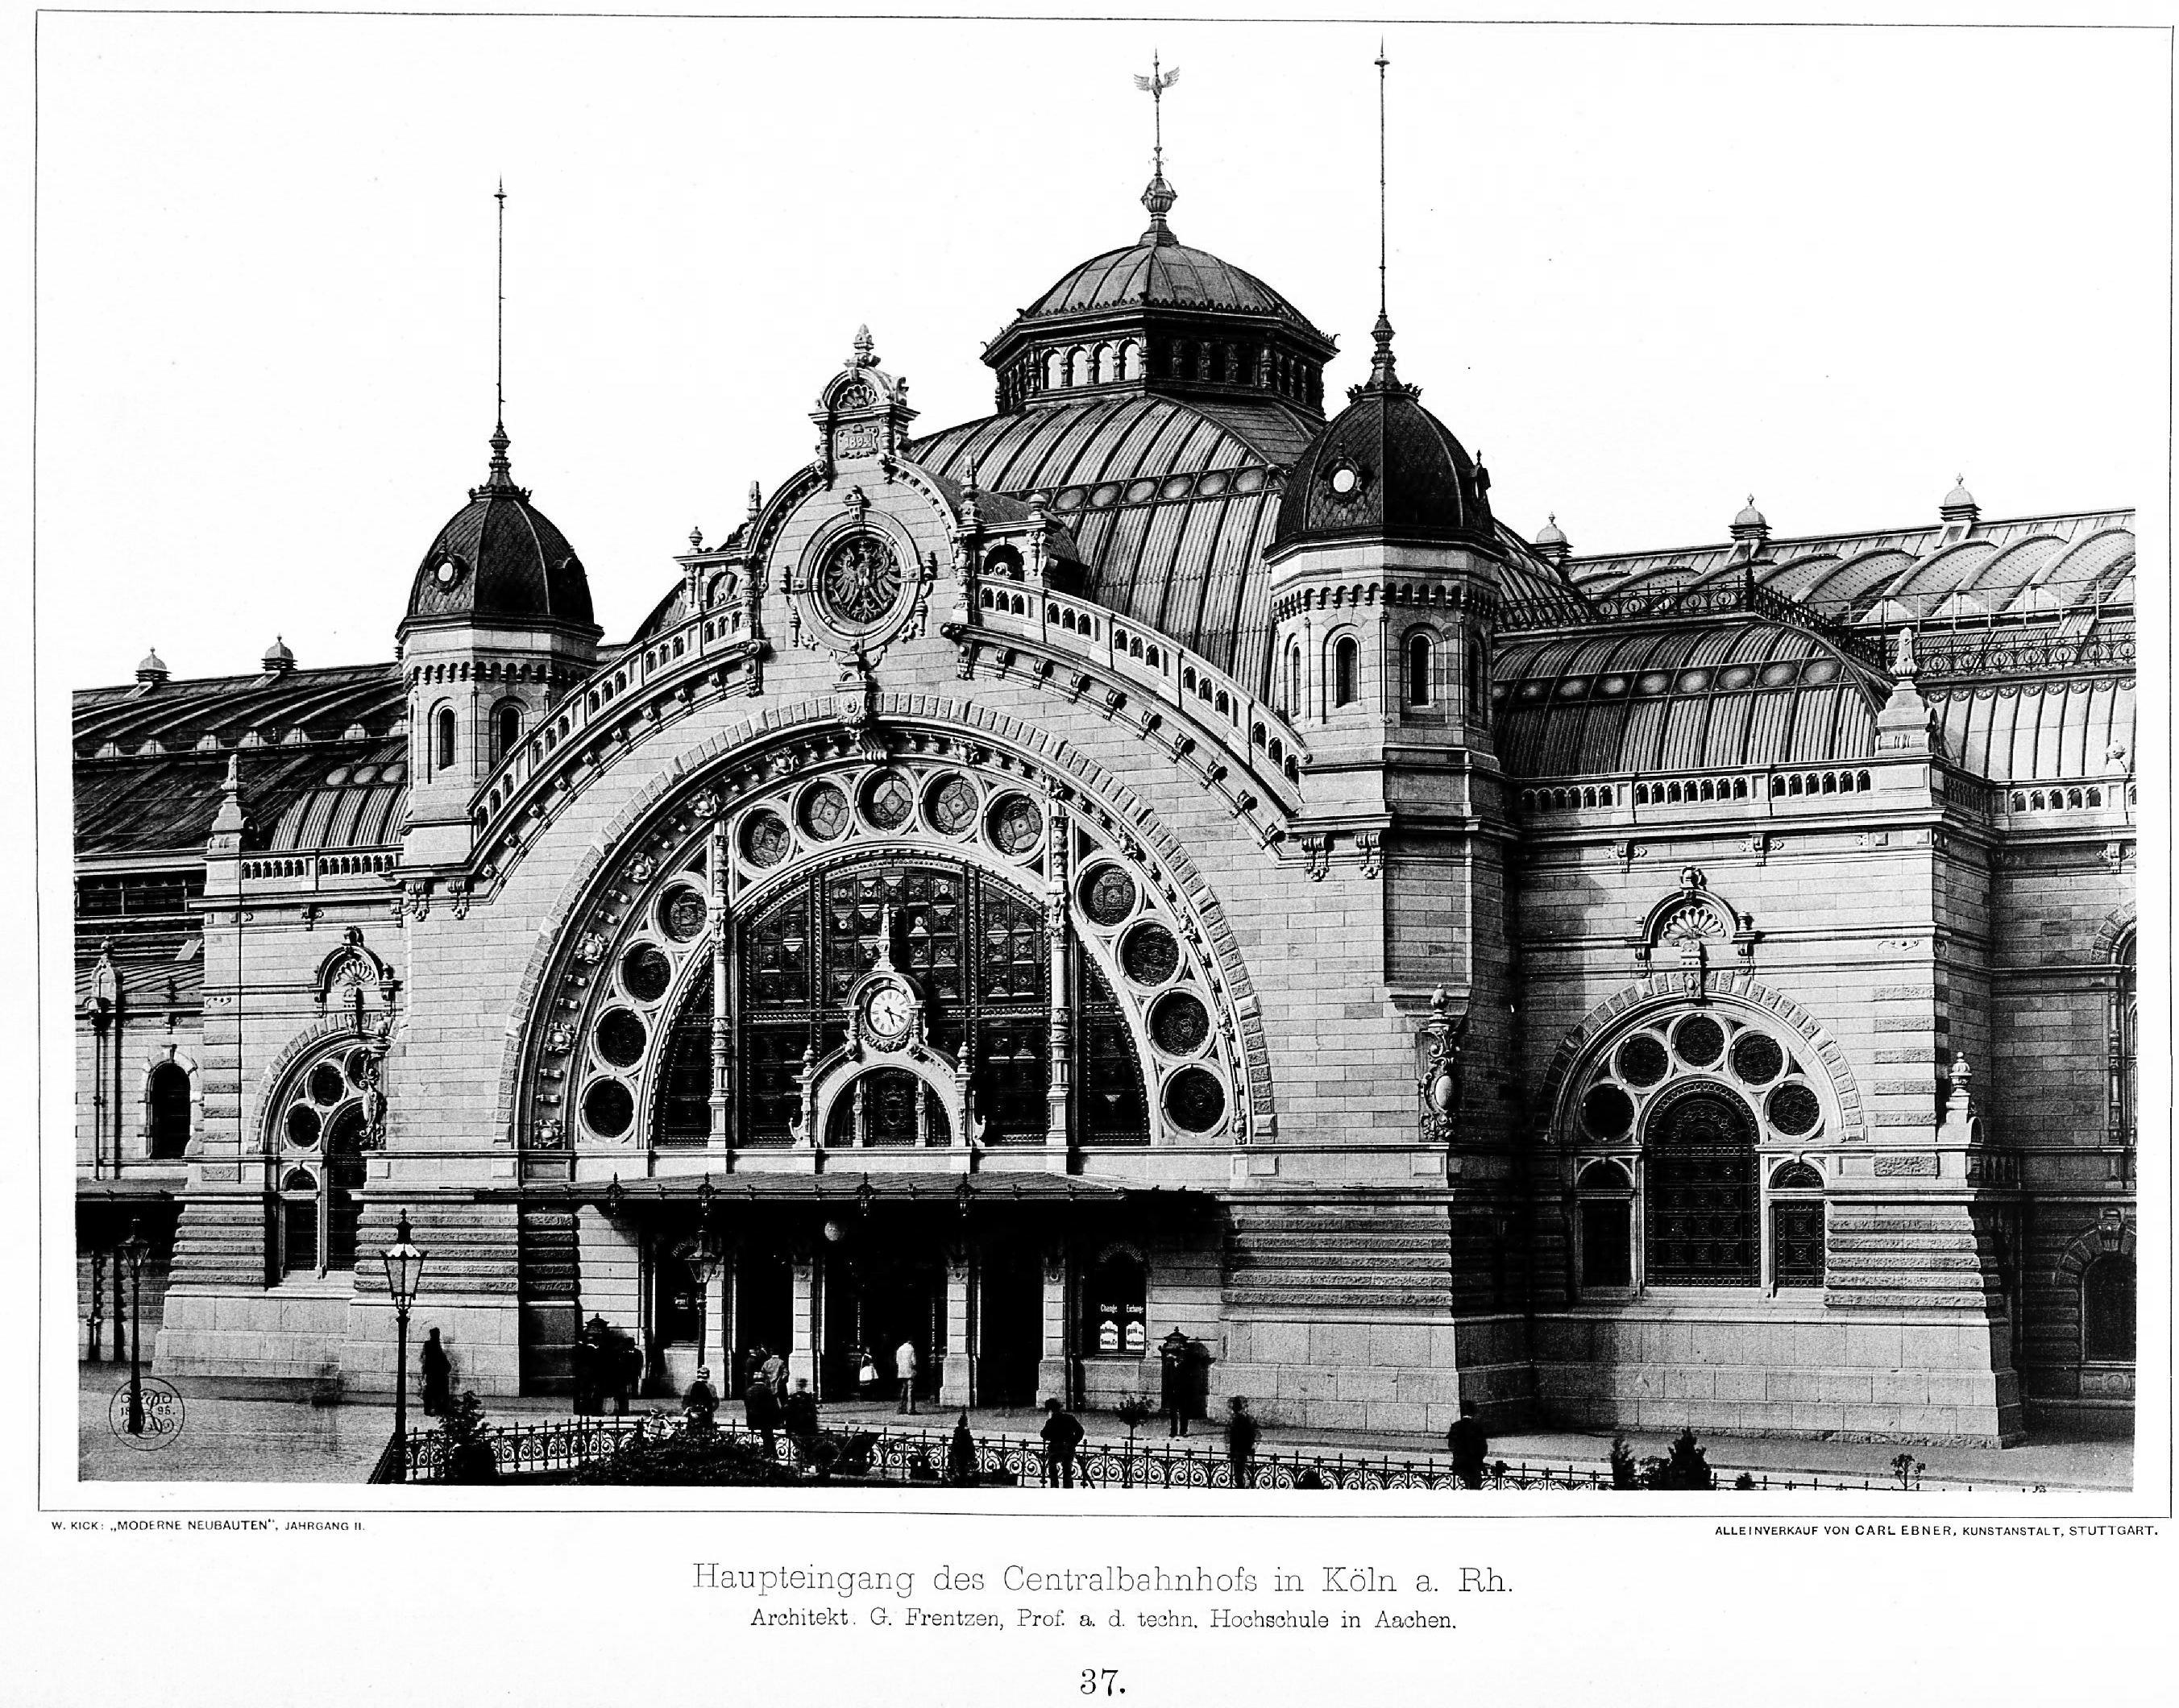 Architekt Aachen file zentralbahnhof in köln am rhein architekt prof frentzen in